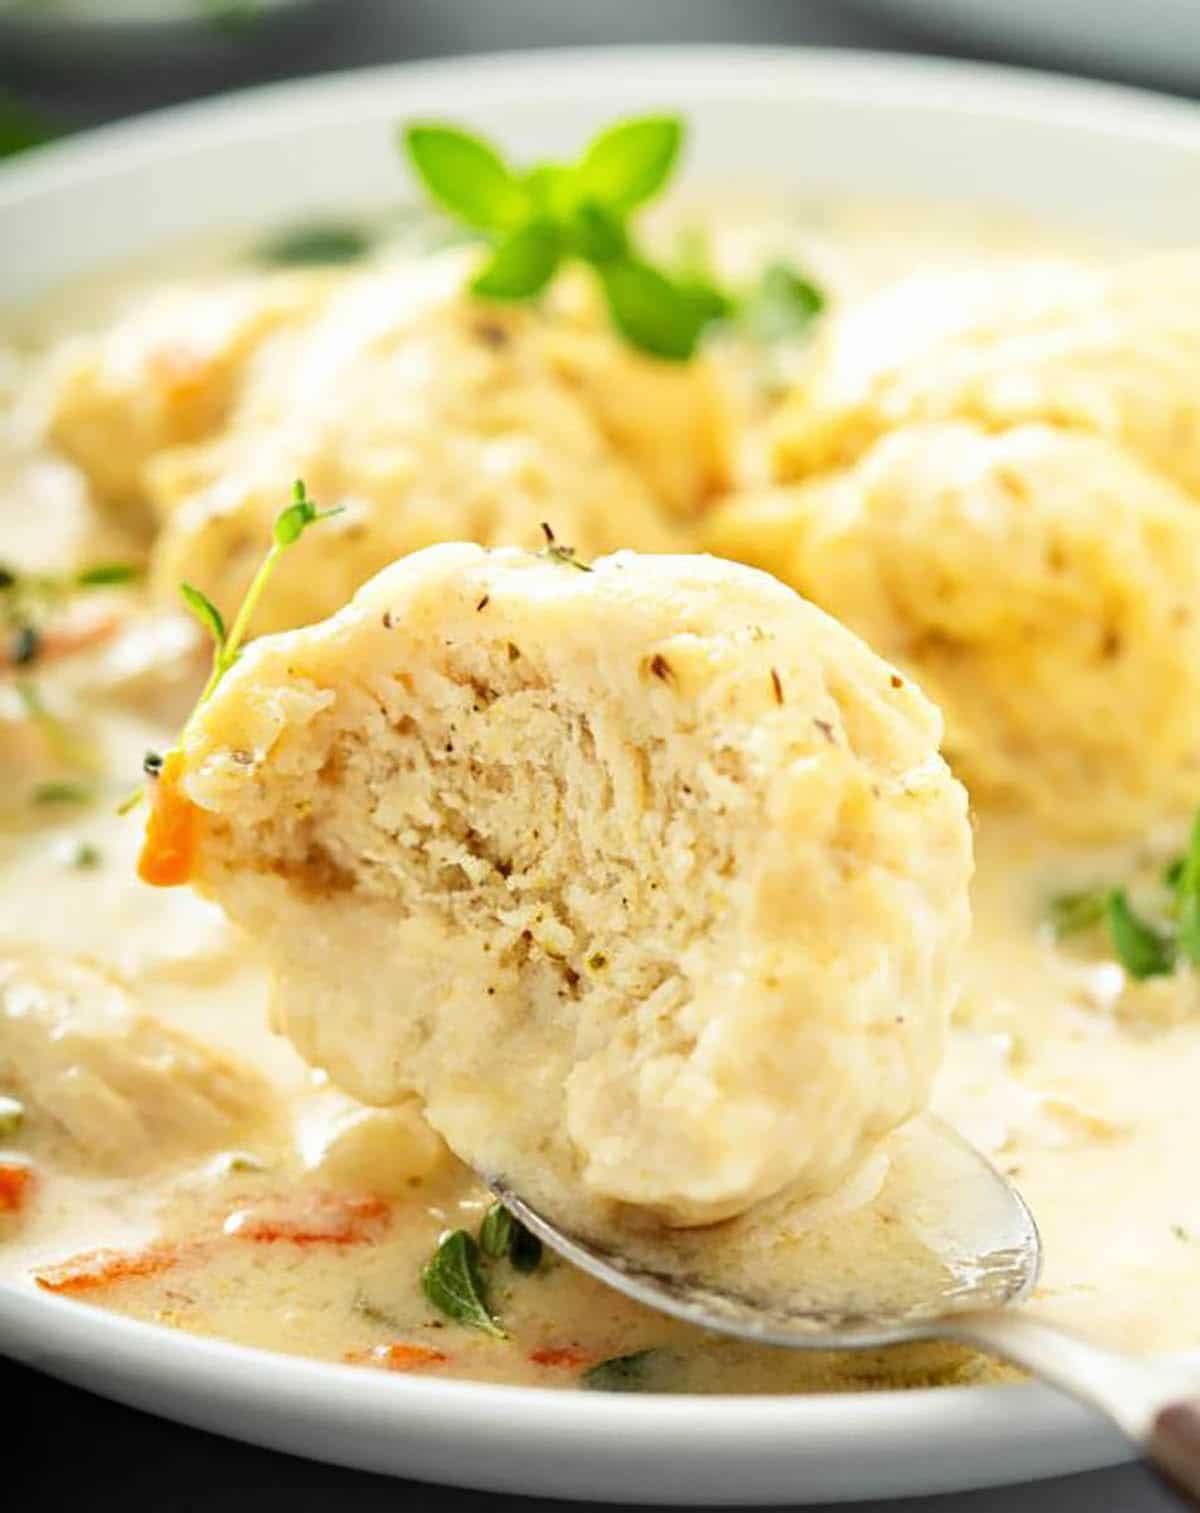 Chicken Dumplings DIY on a plate